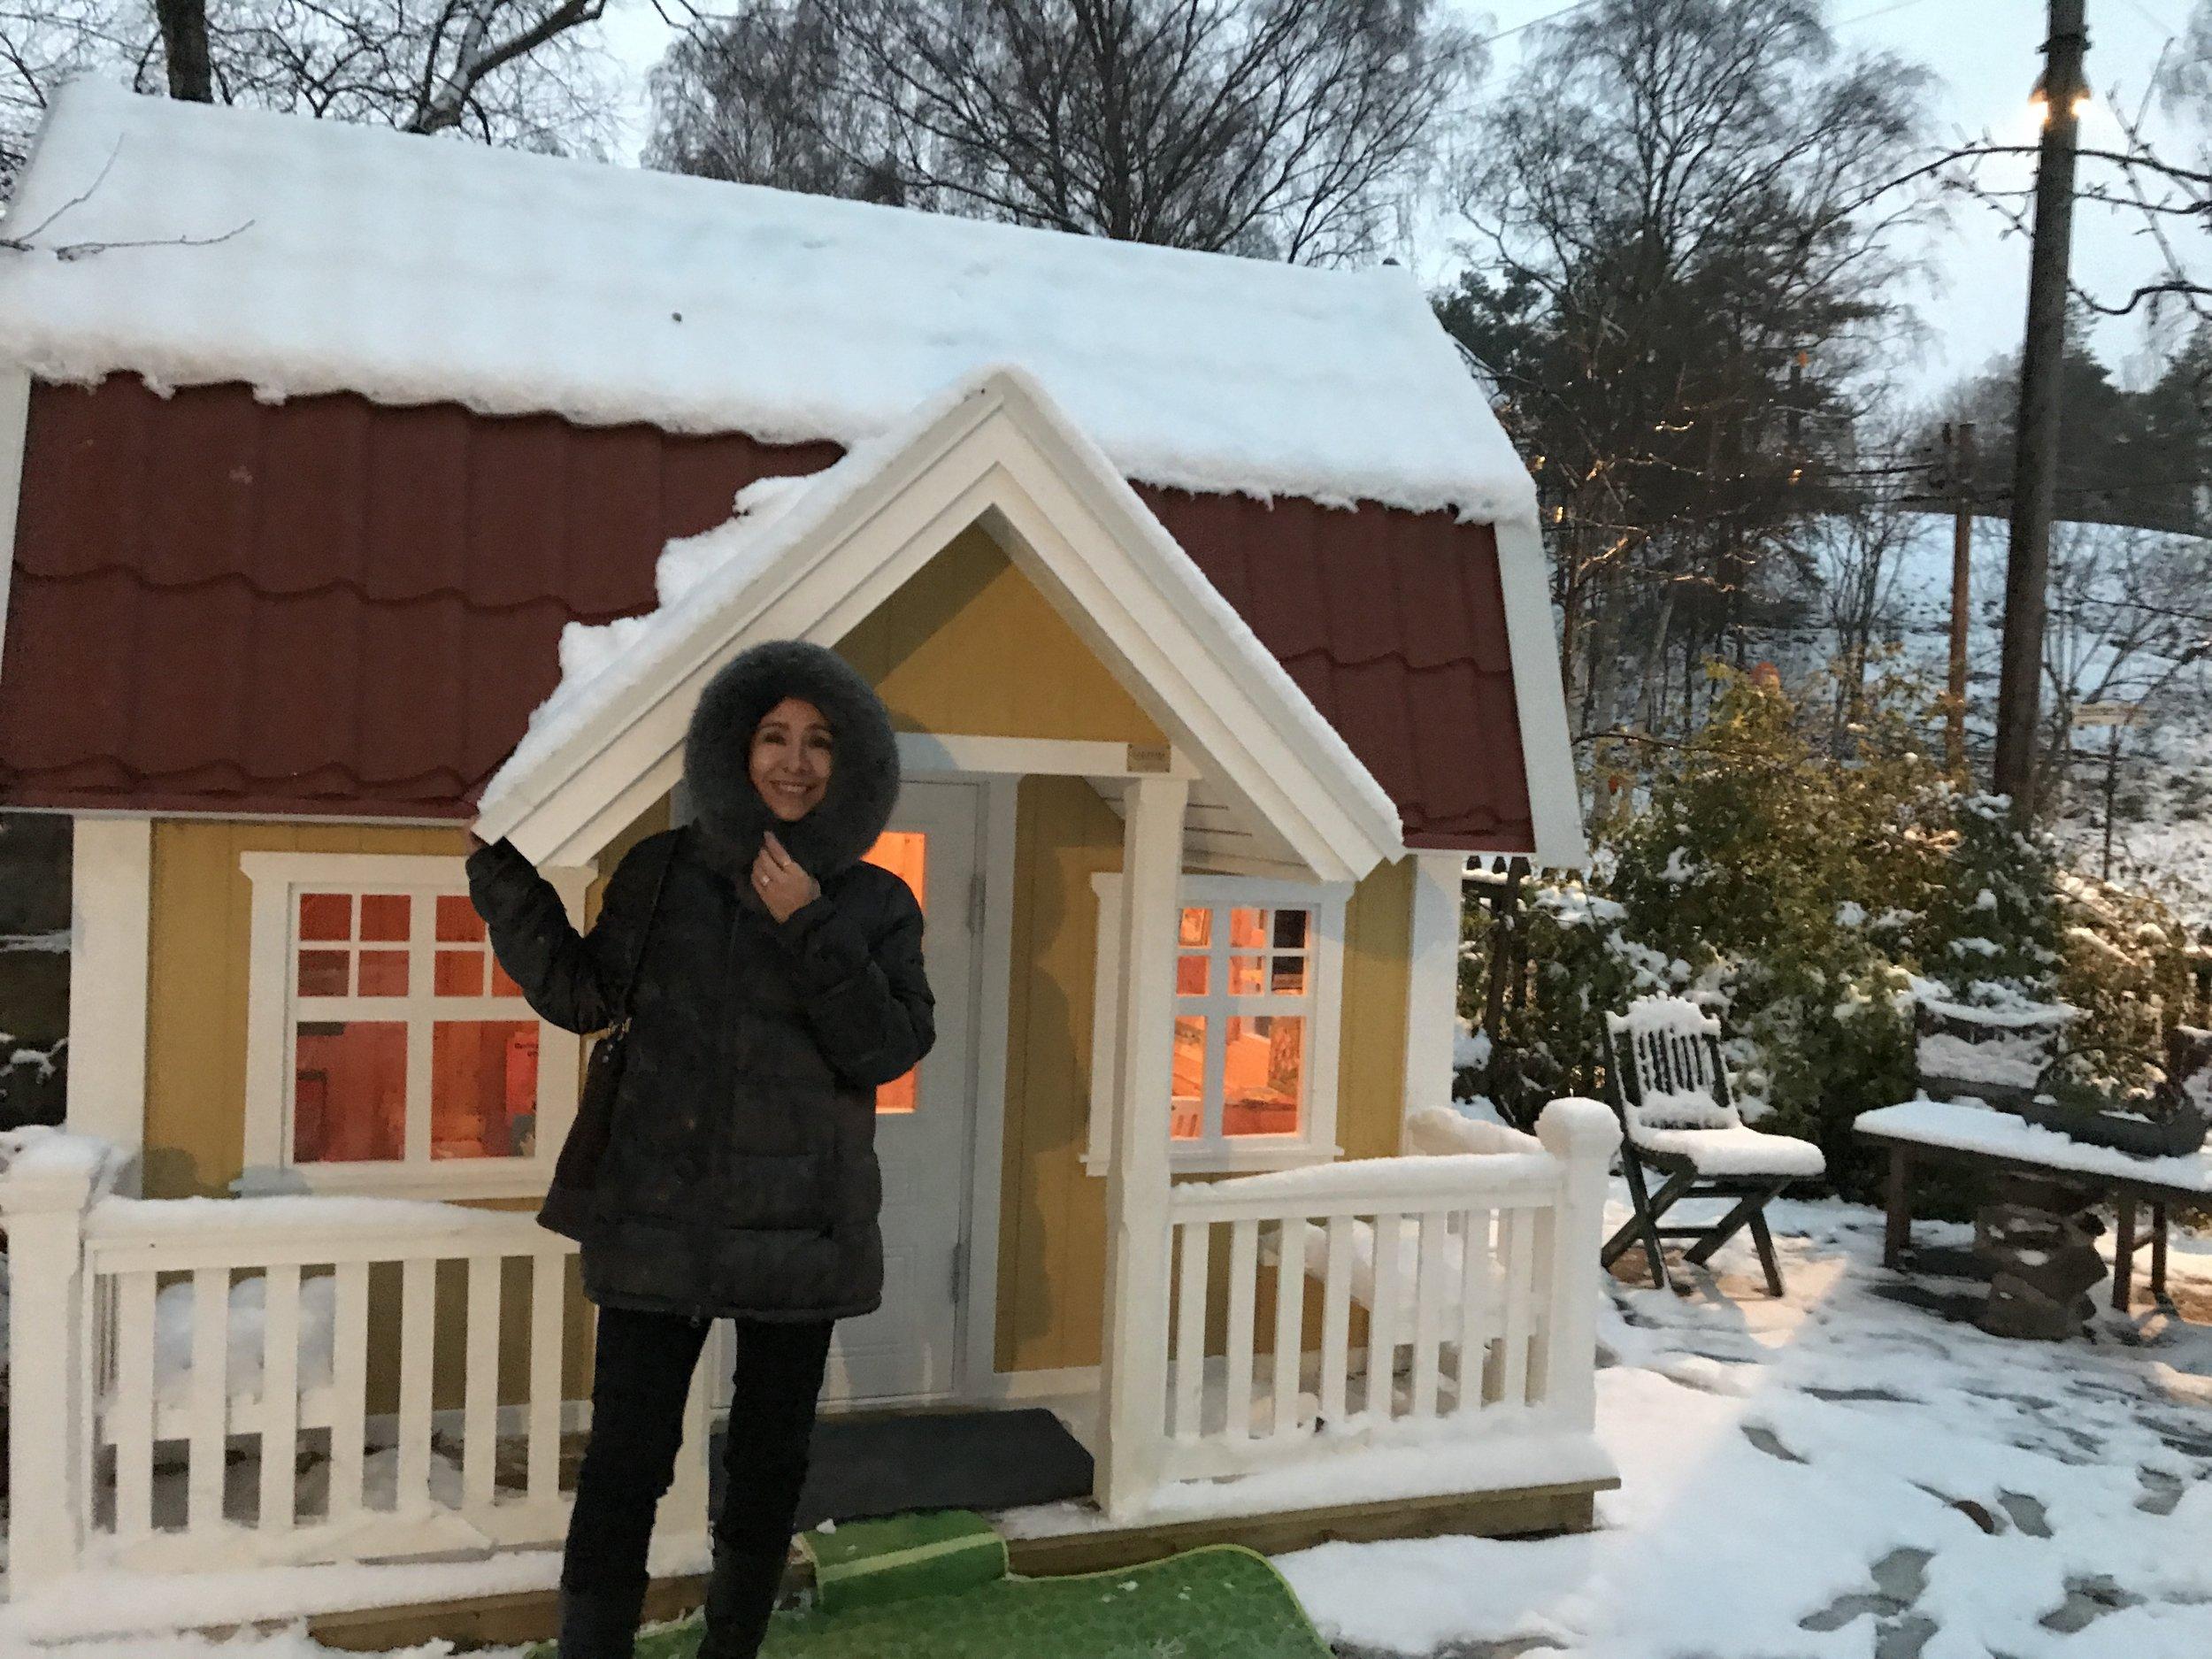 Bibliotek Barnstugan Mälarhöjden Claudia Wallin